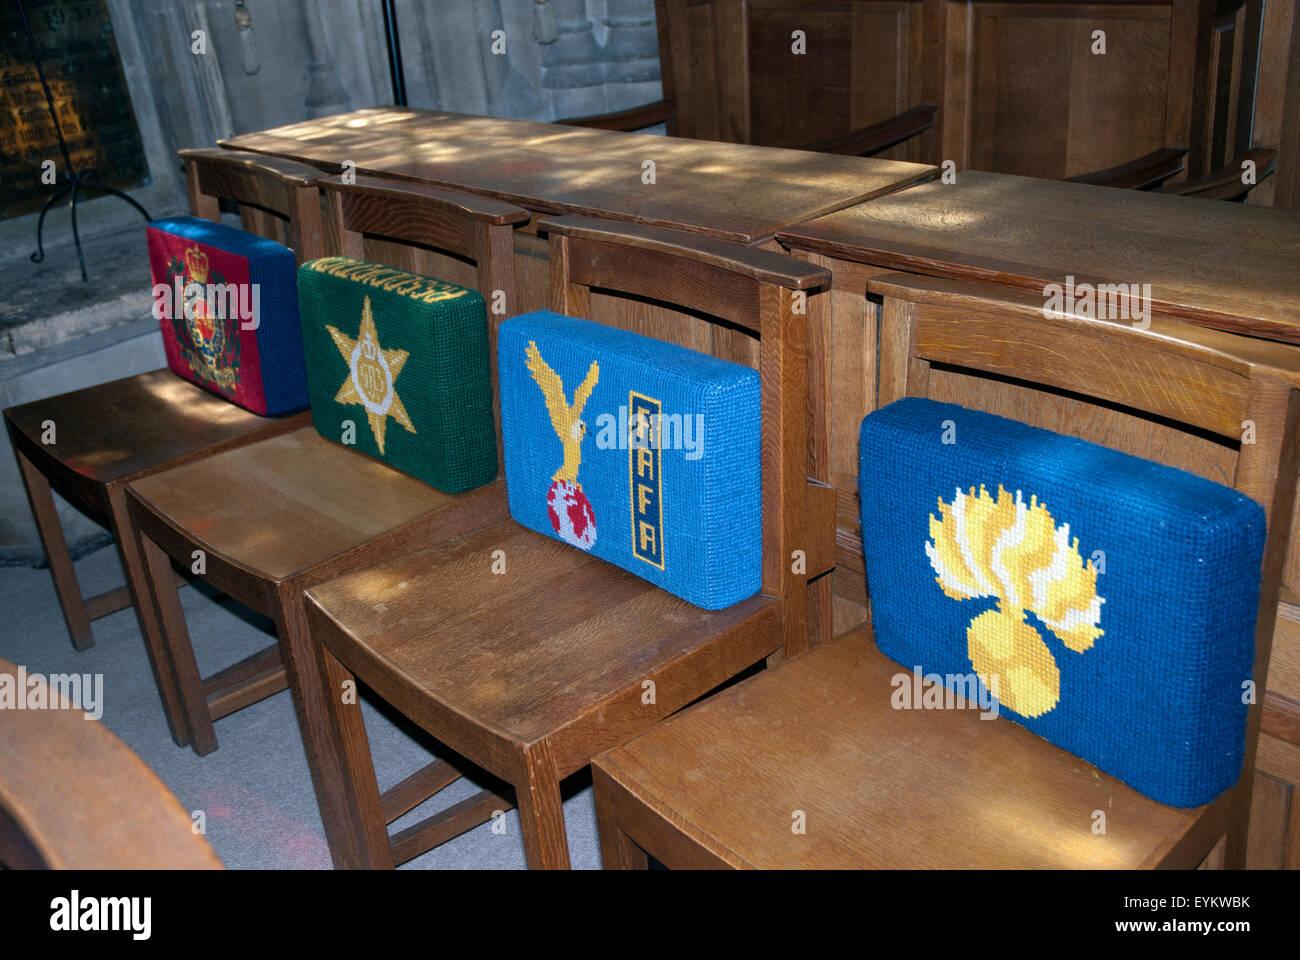 Niedlich Küchenstühle Uk Fotos - Küche Set Ideen - deriherusweets.info